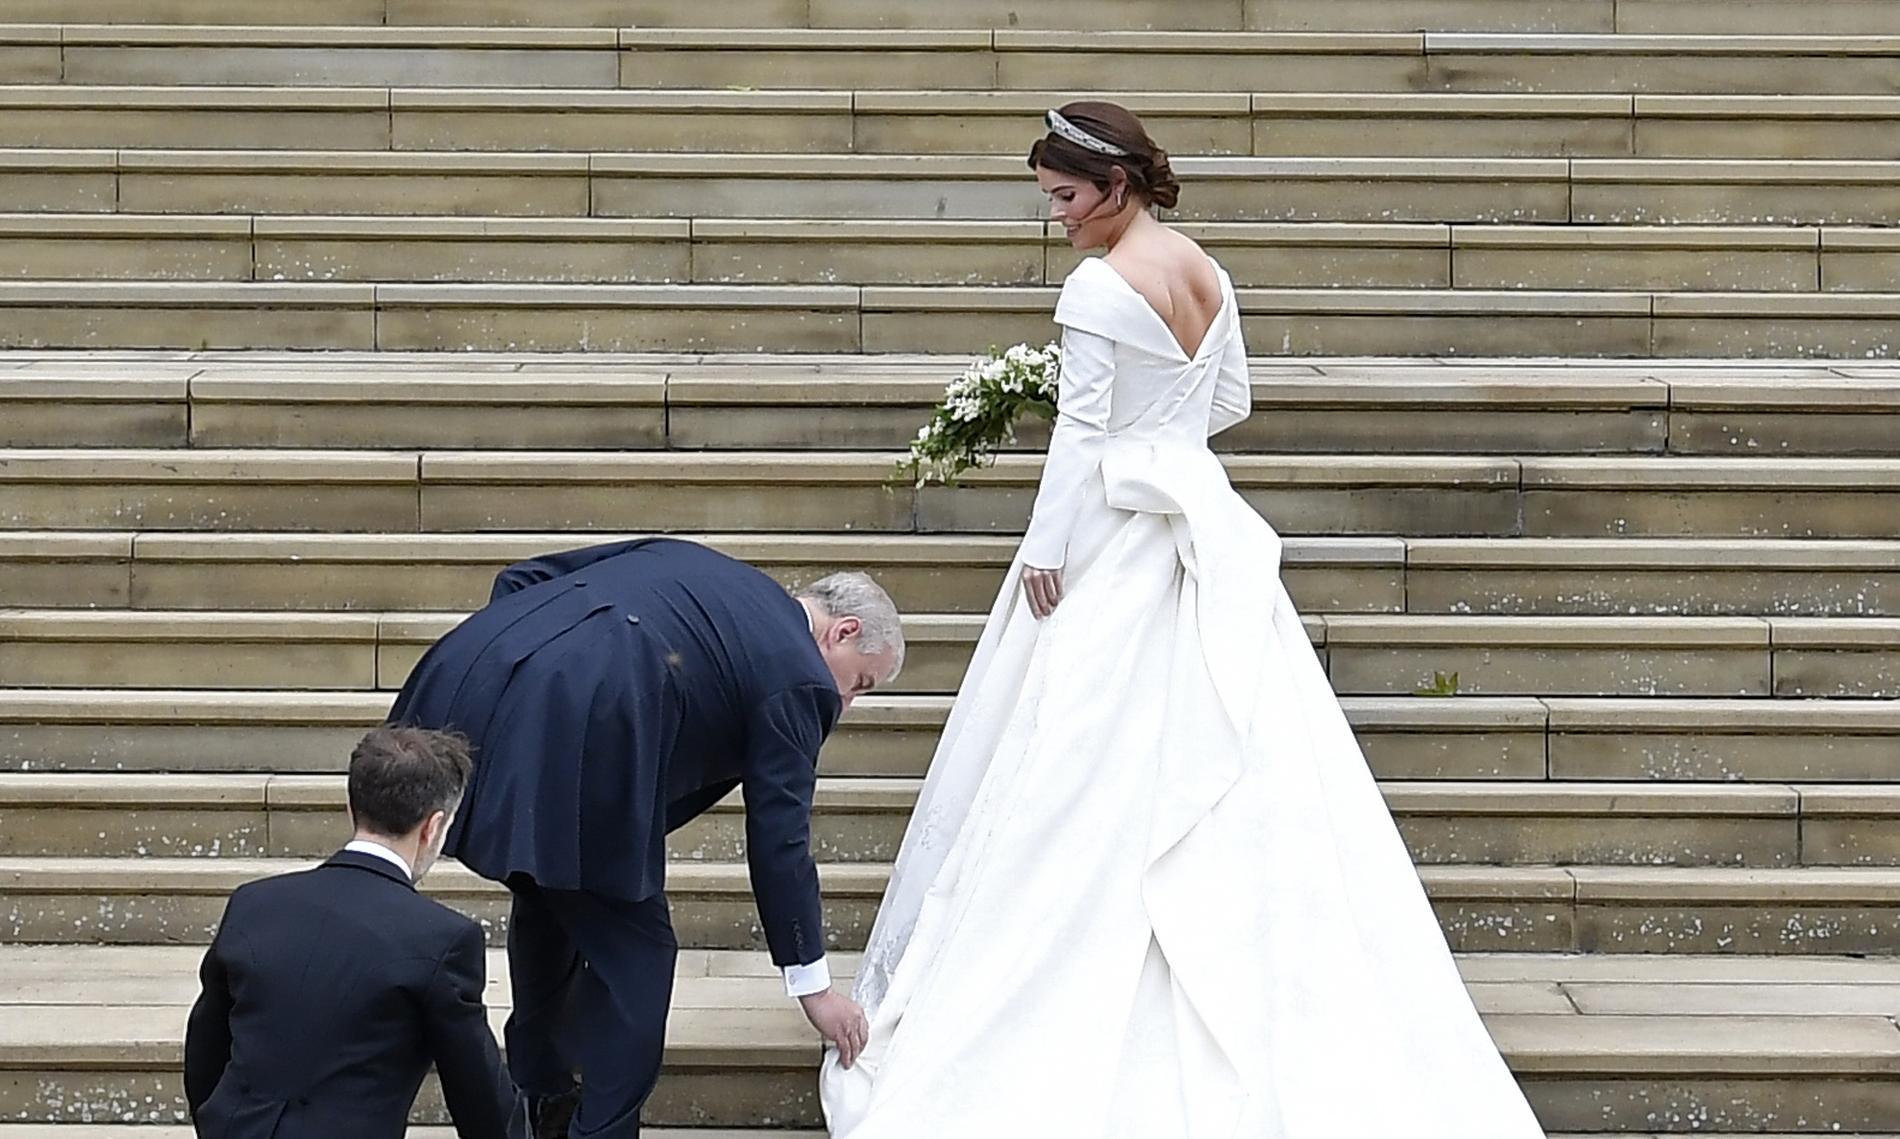 Ivoire Dentelle Princesse Robes De Mariée Avec Longue Tulle Cape Perles Diamant De Luxe Date De Mariée Robes De Mariée 2019